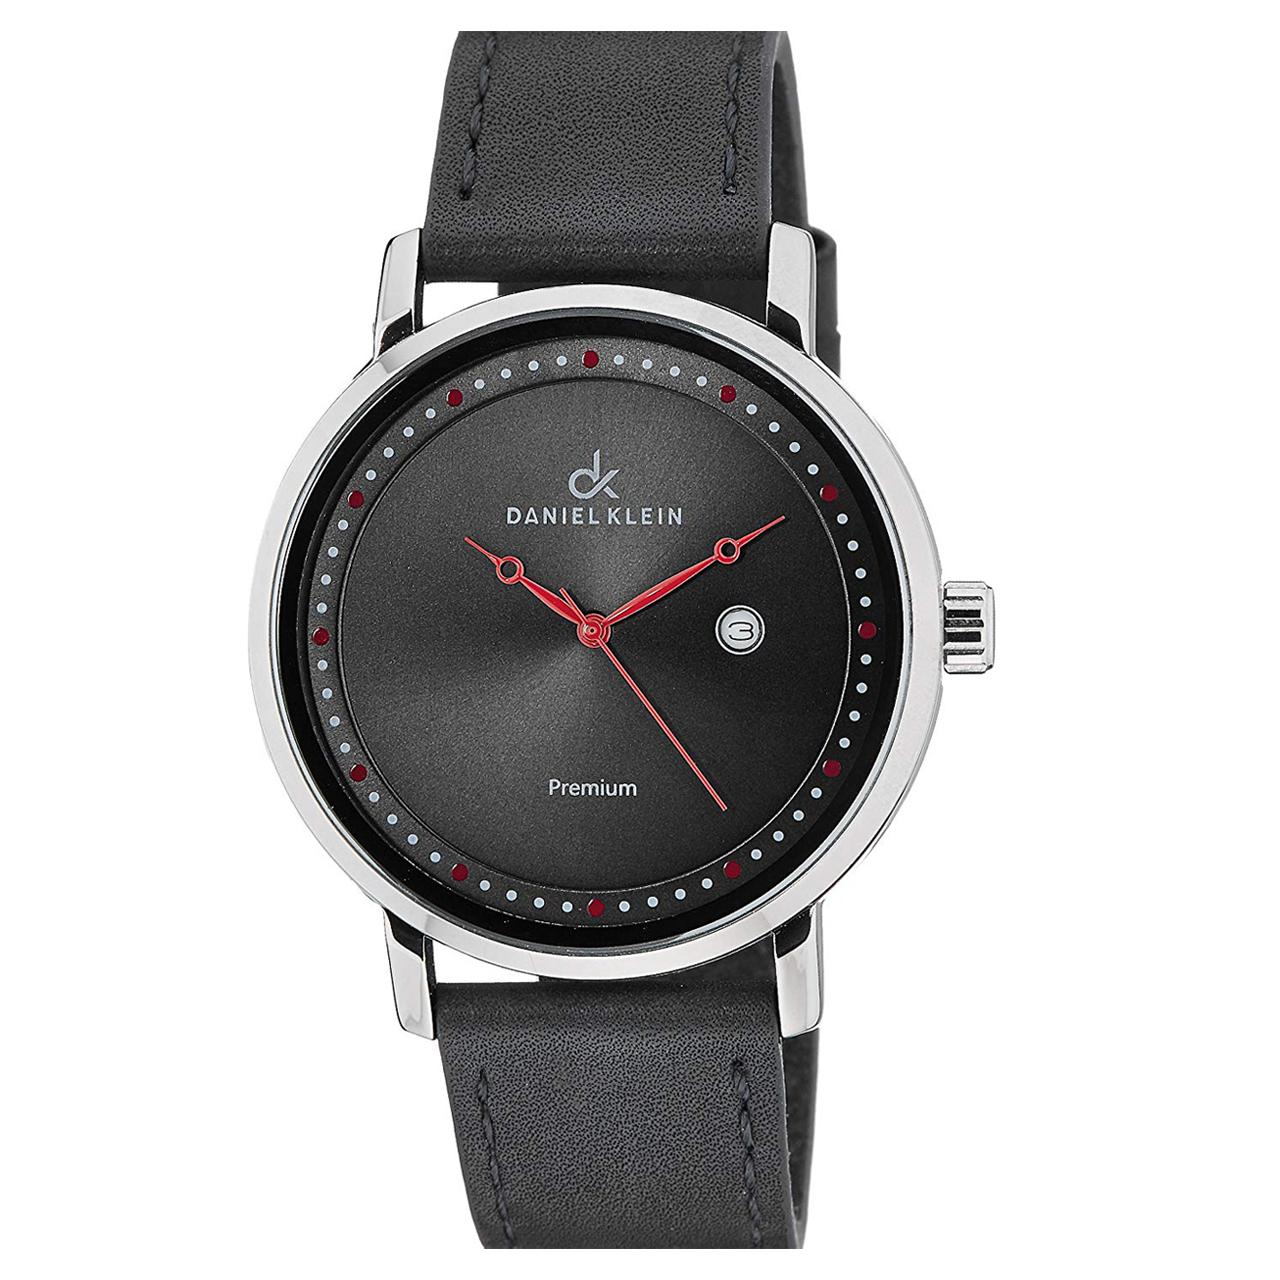 ساعت مچی عقربه ای مردانه دنیل کلین مدل Premium DK10544-2 48